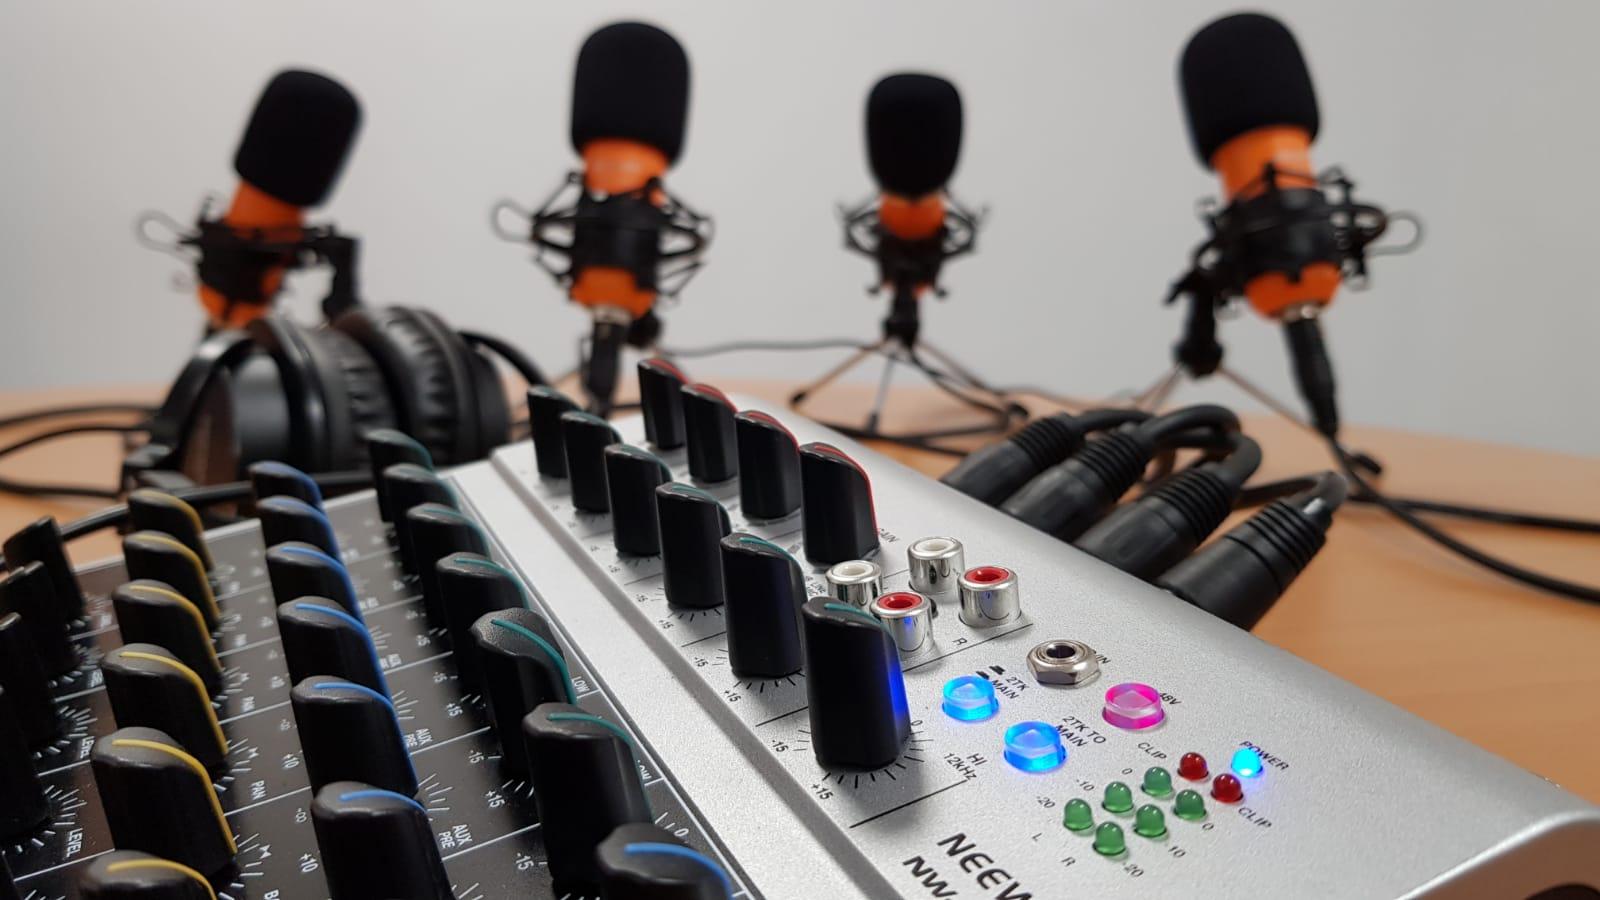 Arranca la 5ª temporada de La Hora Internet en RADIOeA